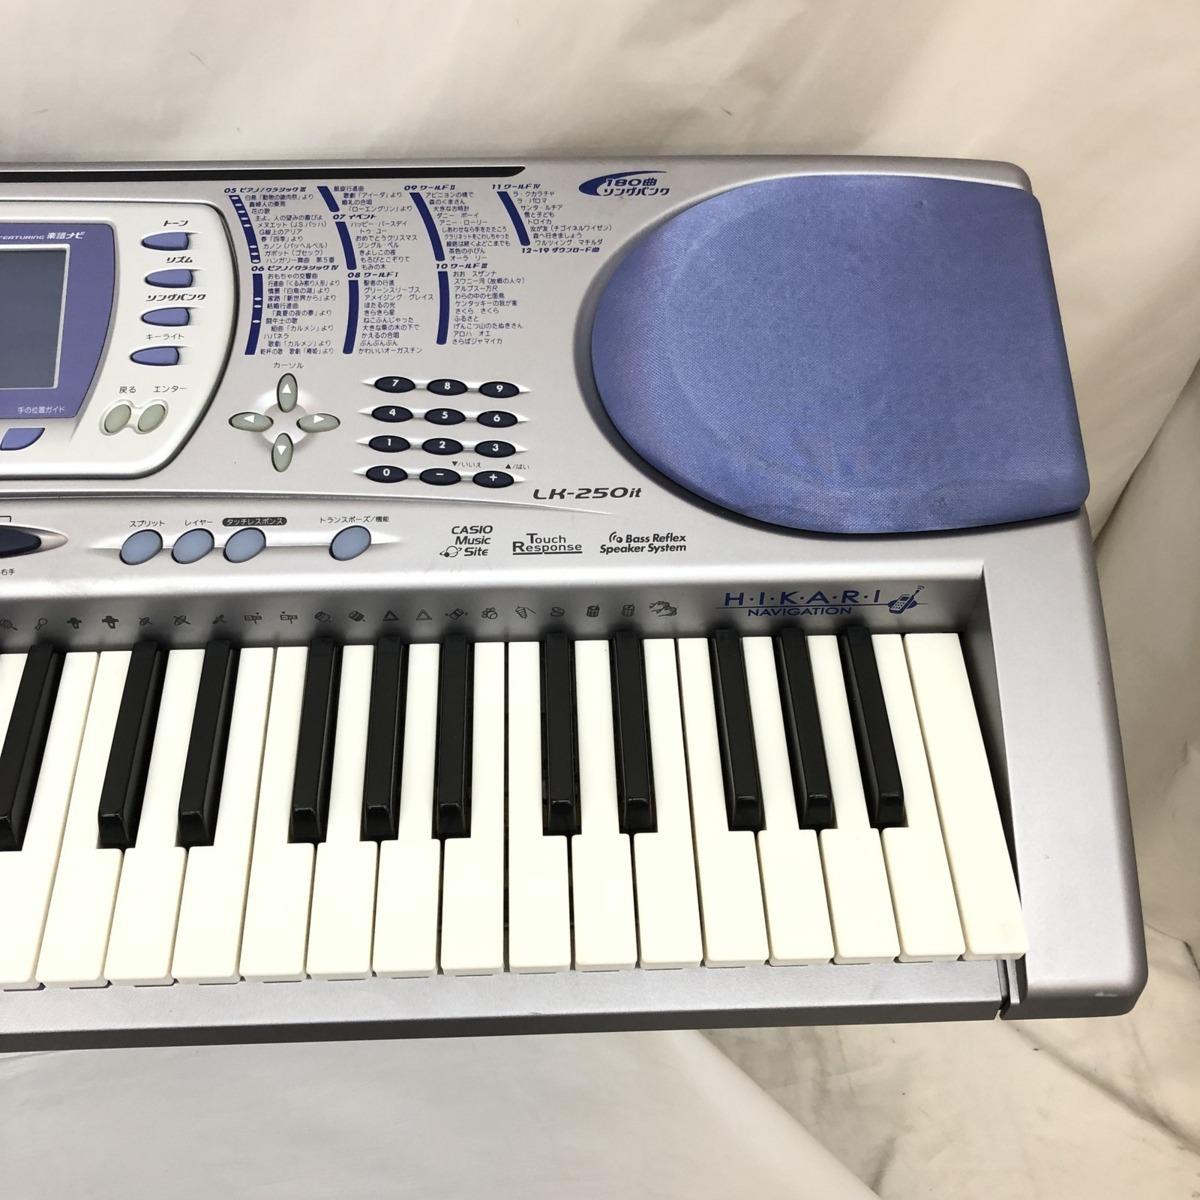 中古 CASIO カシオ 電子キーボード LK-250it 光ナビゲーション ケイタイリンク シルバー ブルー 電子ピアノ 鍵盤楽器 アダプター付 H15354_画像4